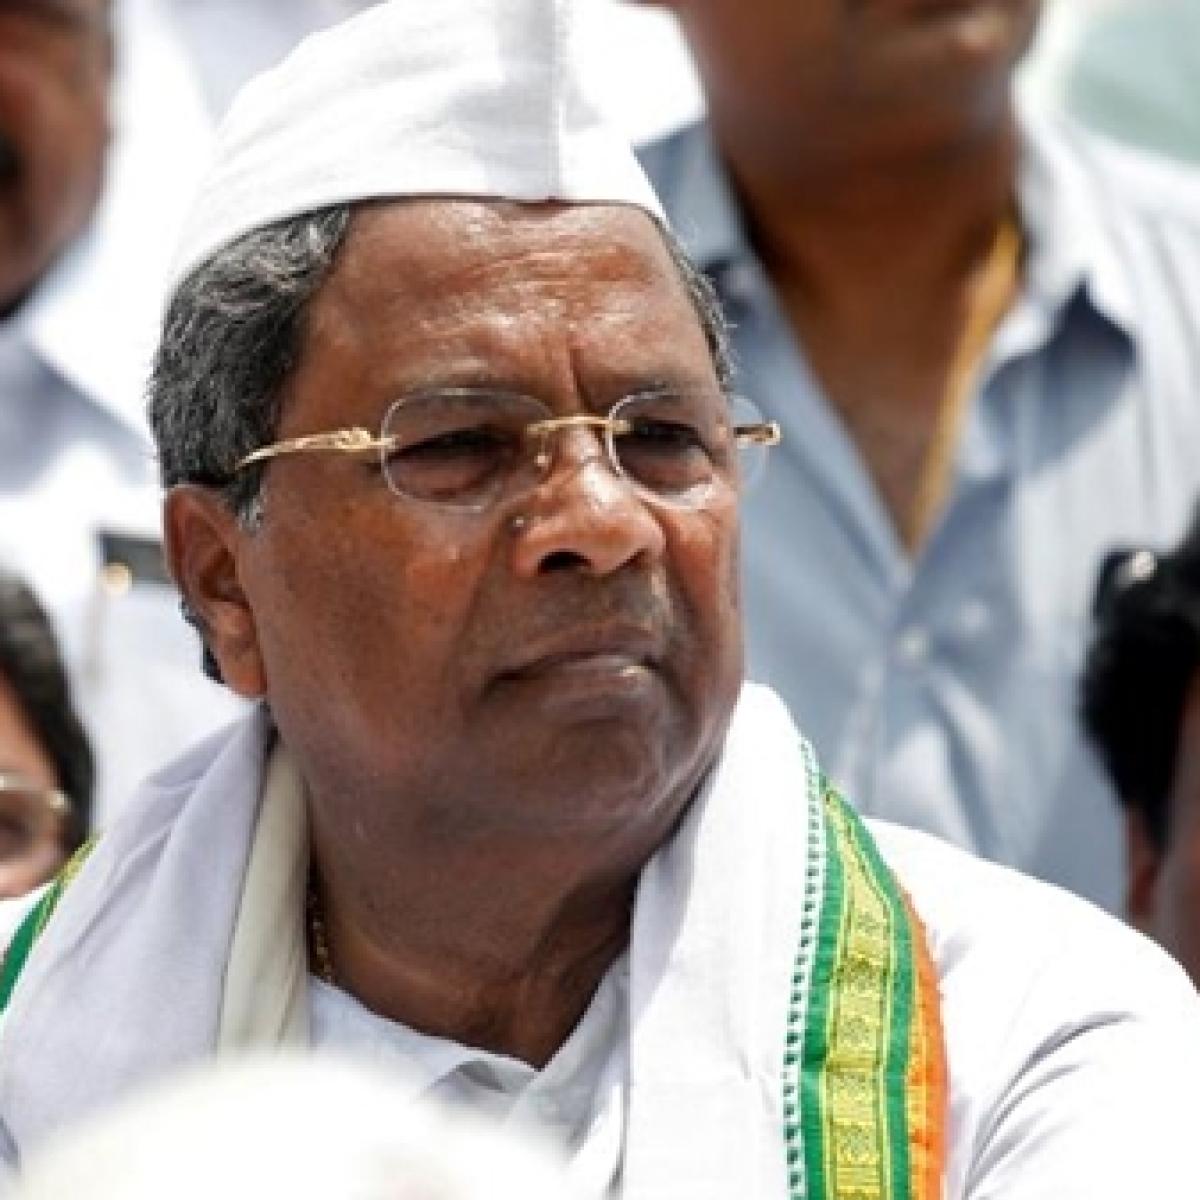 Coronavirus in Karnataka: Siddaramaiah asks Yediyurappa govt to release 'White Paper' on COVID-19 preparedness in the state